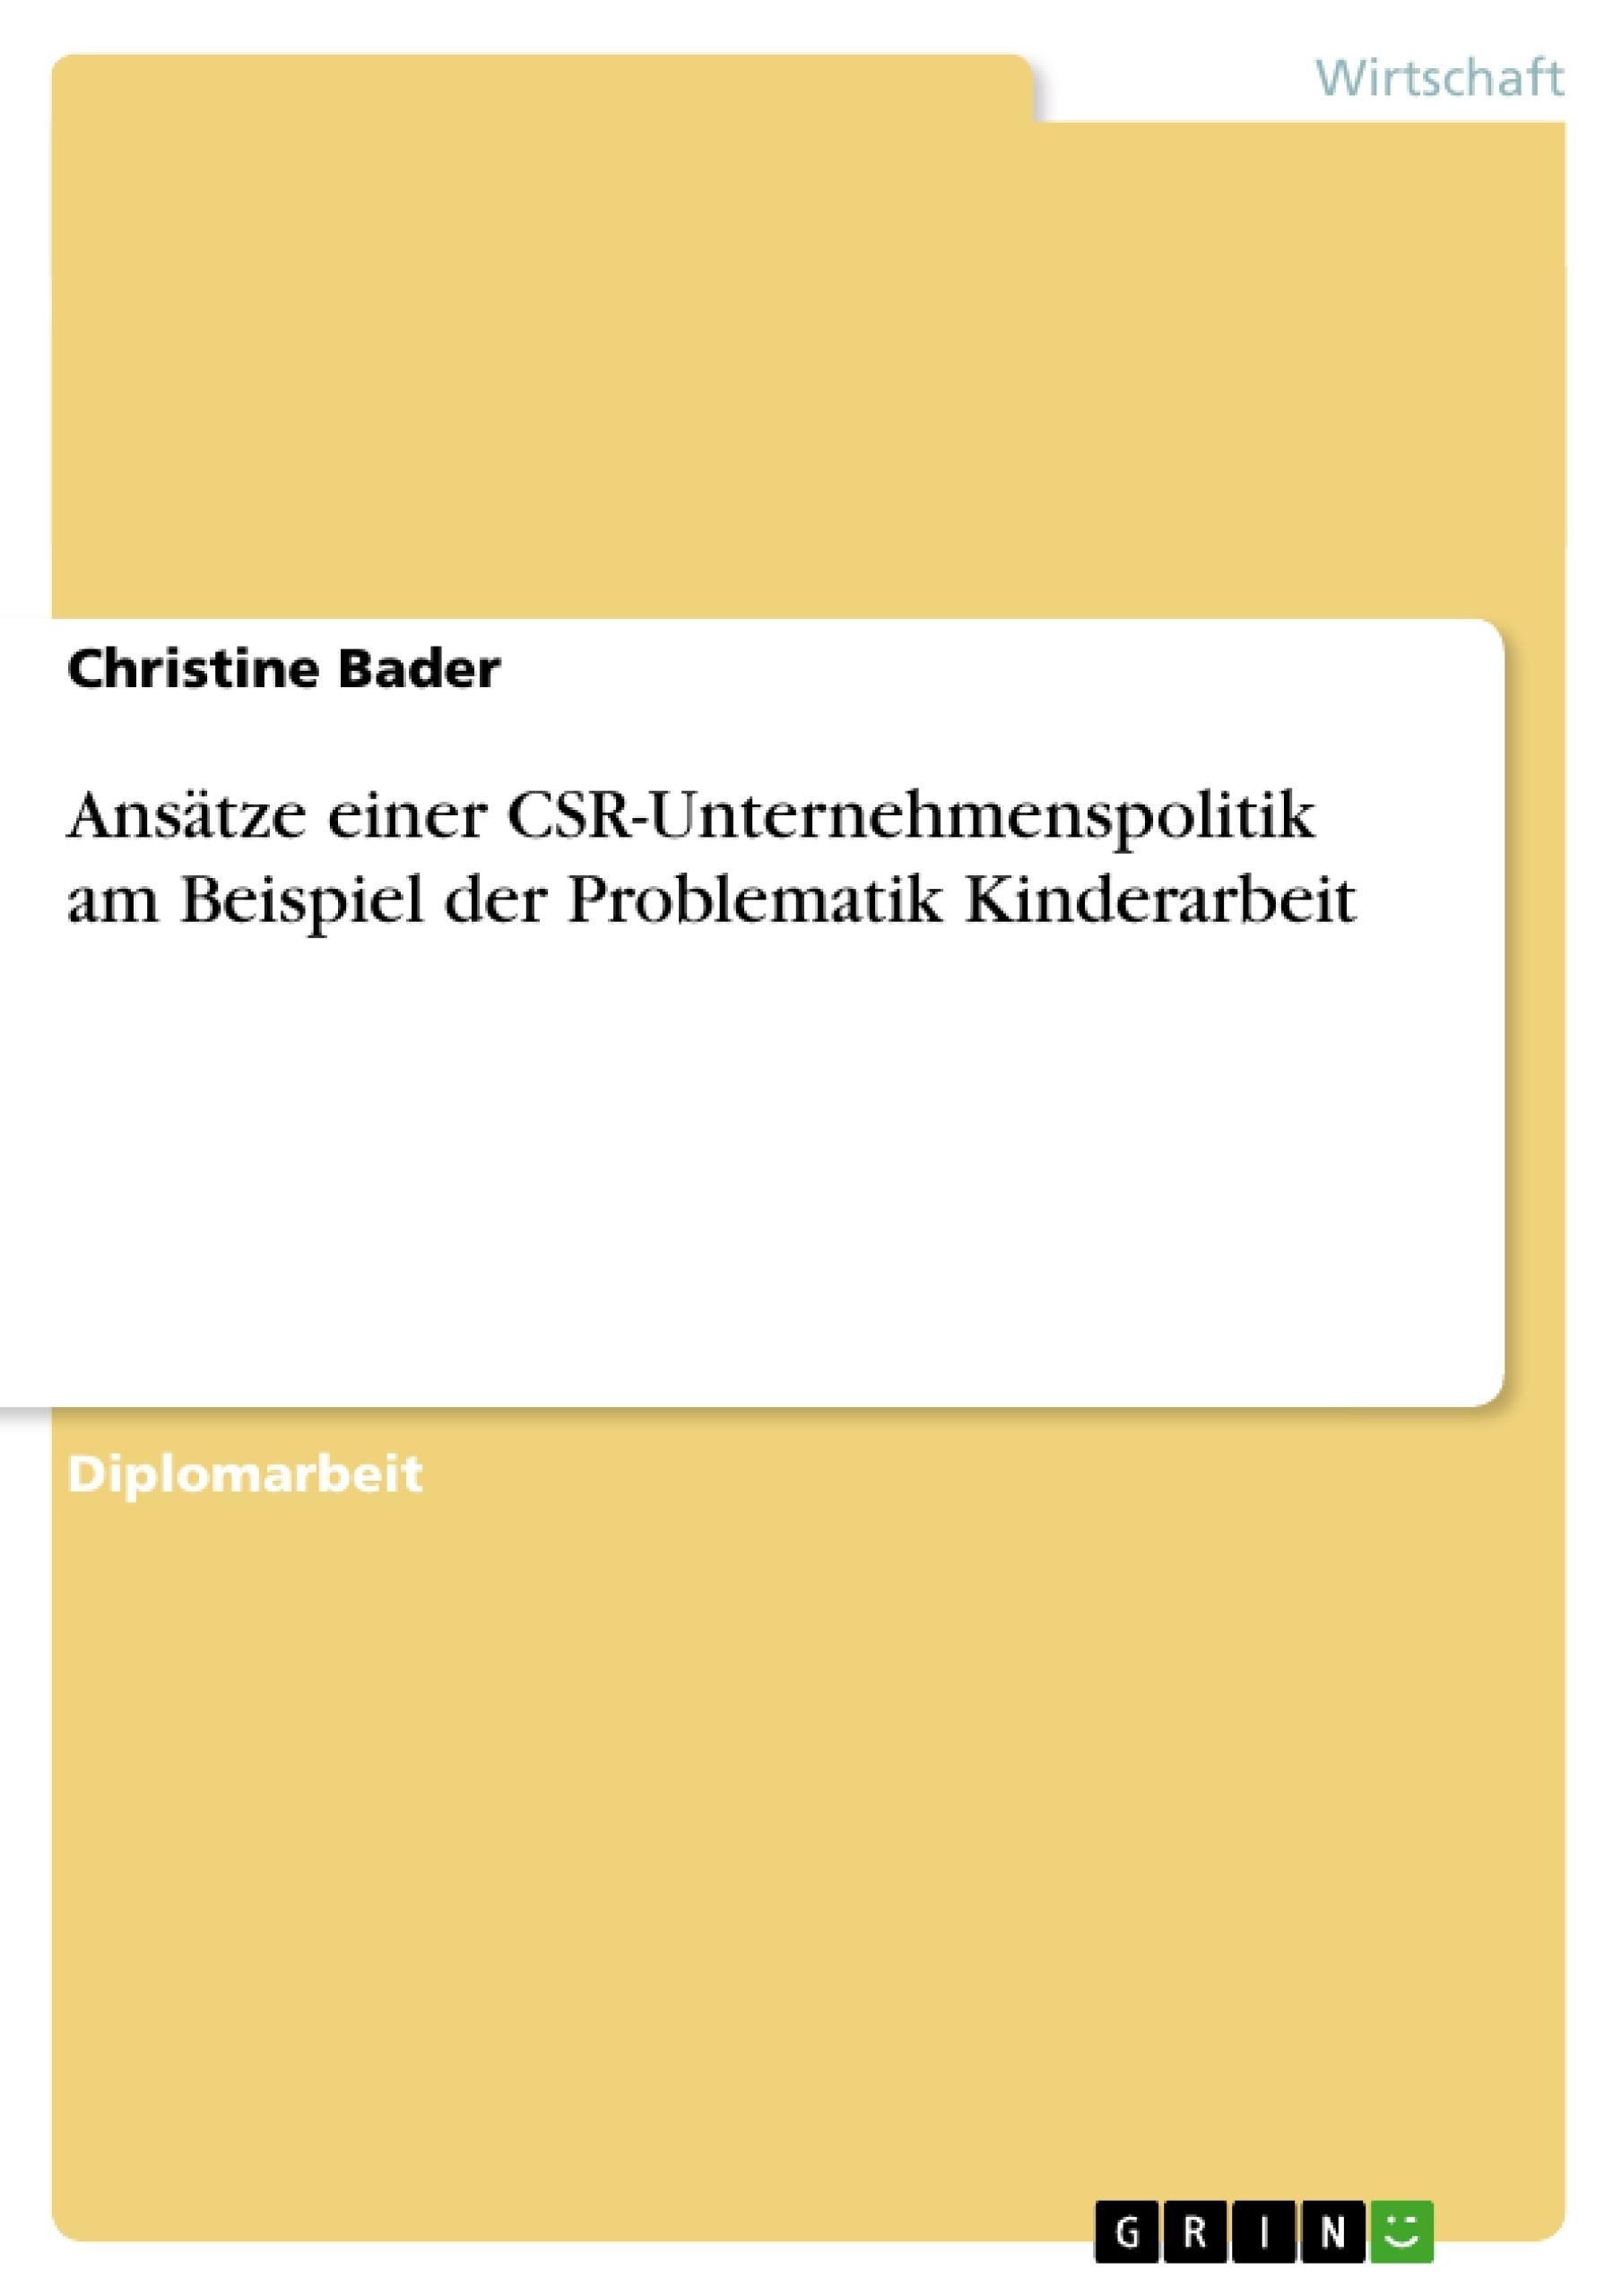 Titel: Ansätze einer CSR-Unternehmenspolitik am Beispiel der Problematik Kinderarbeit